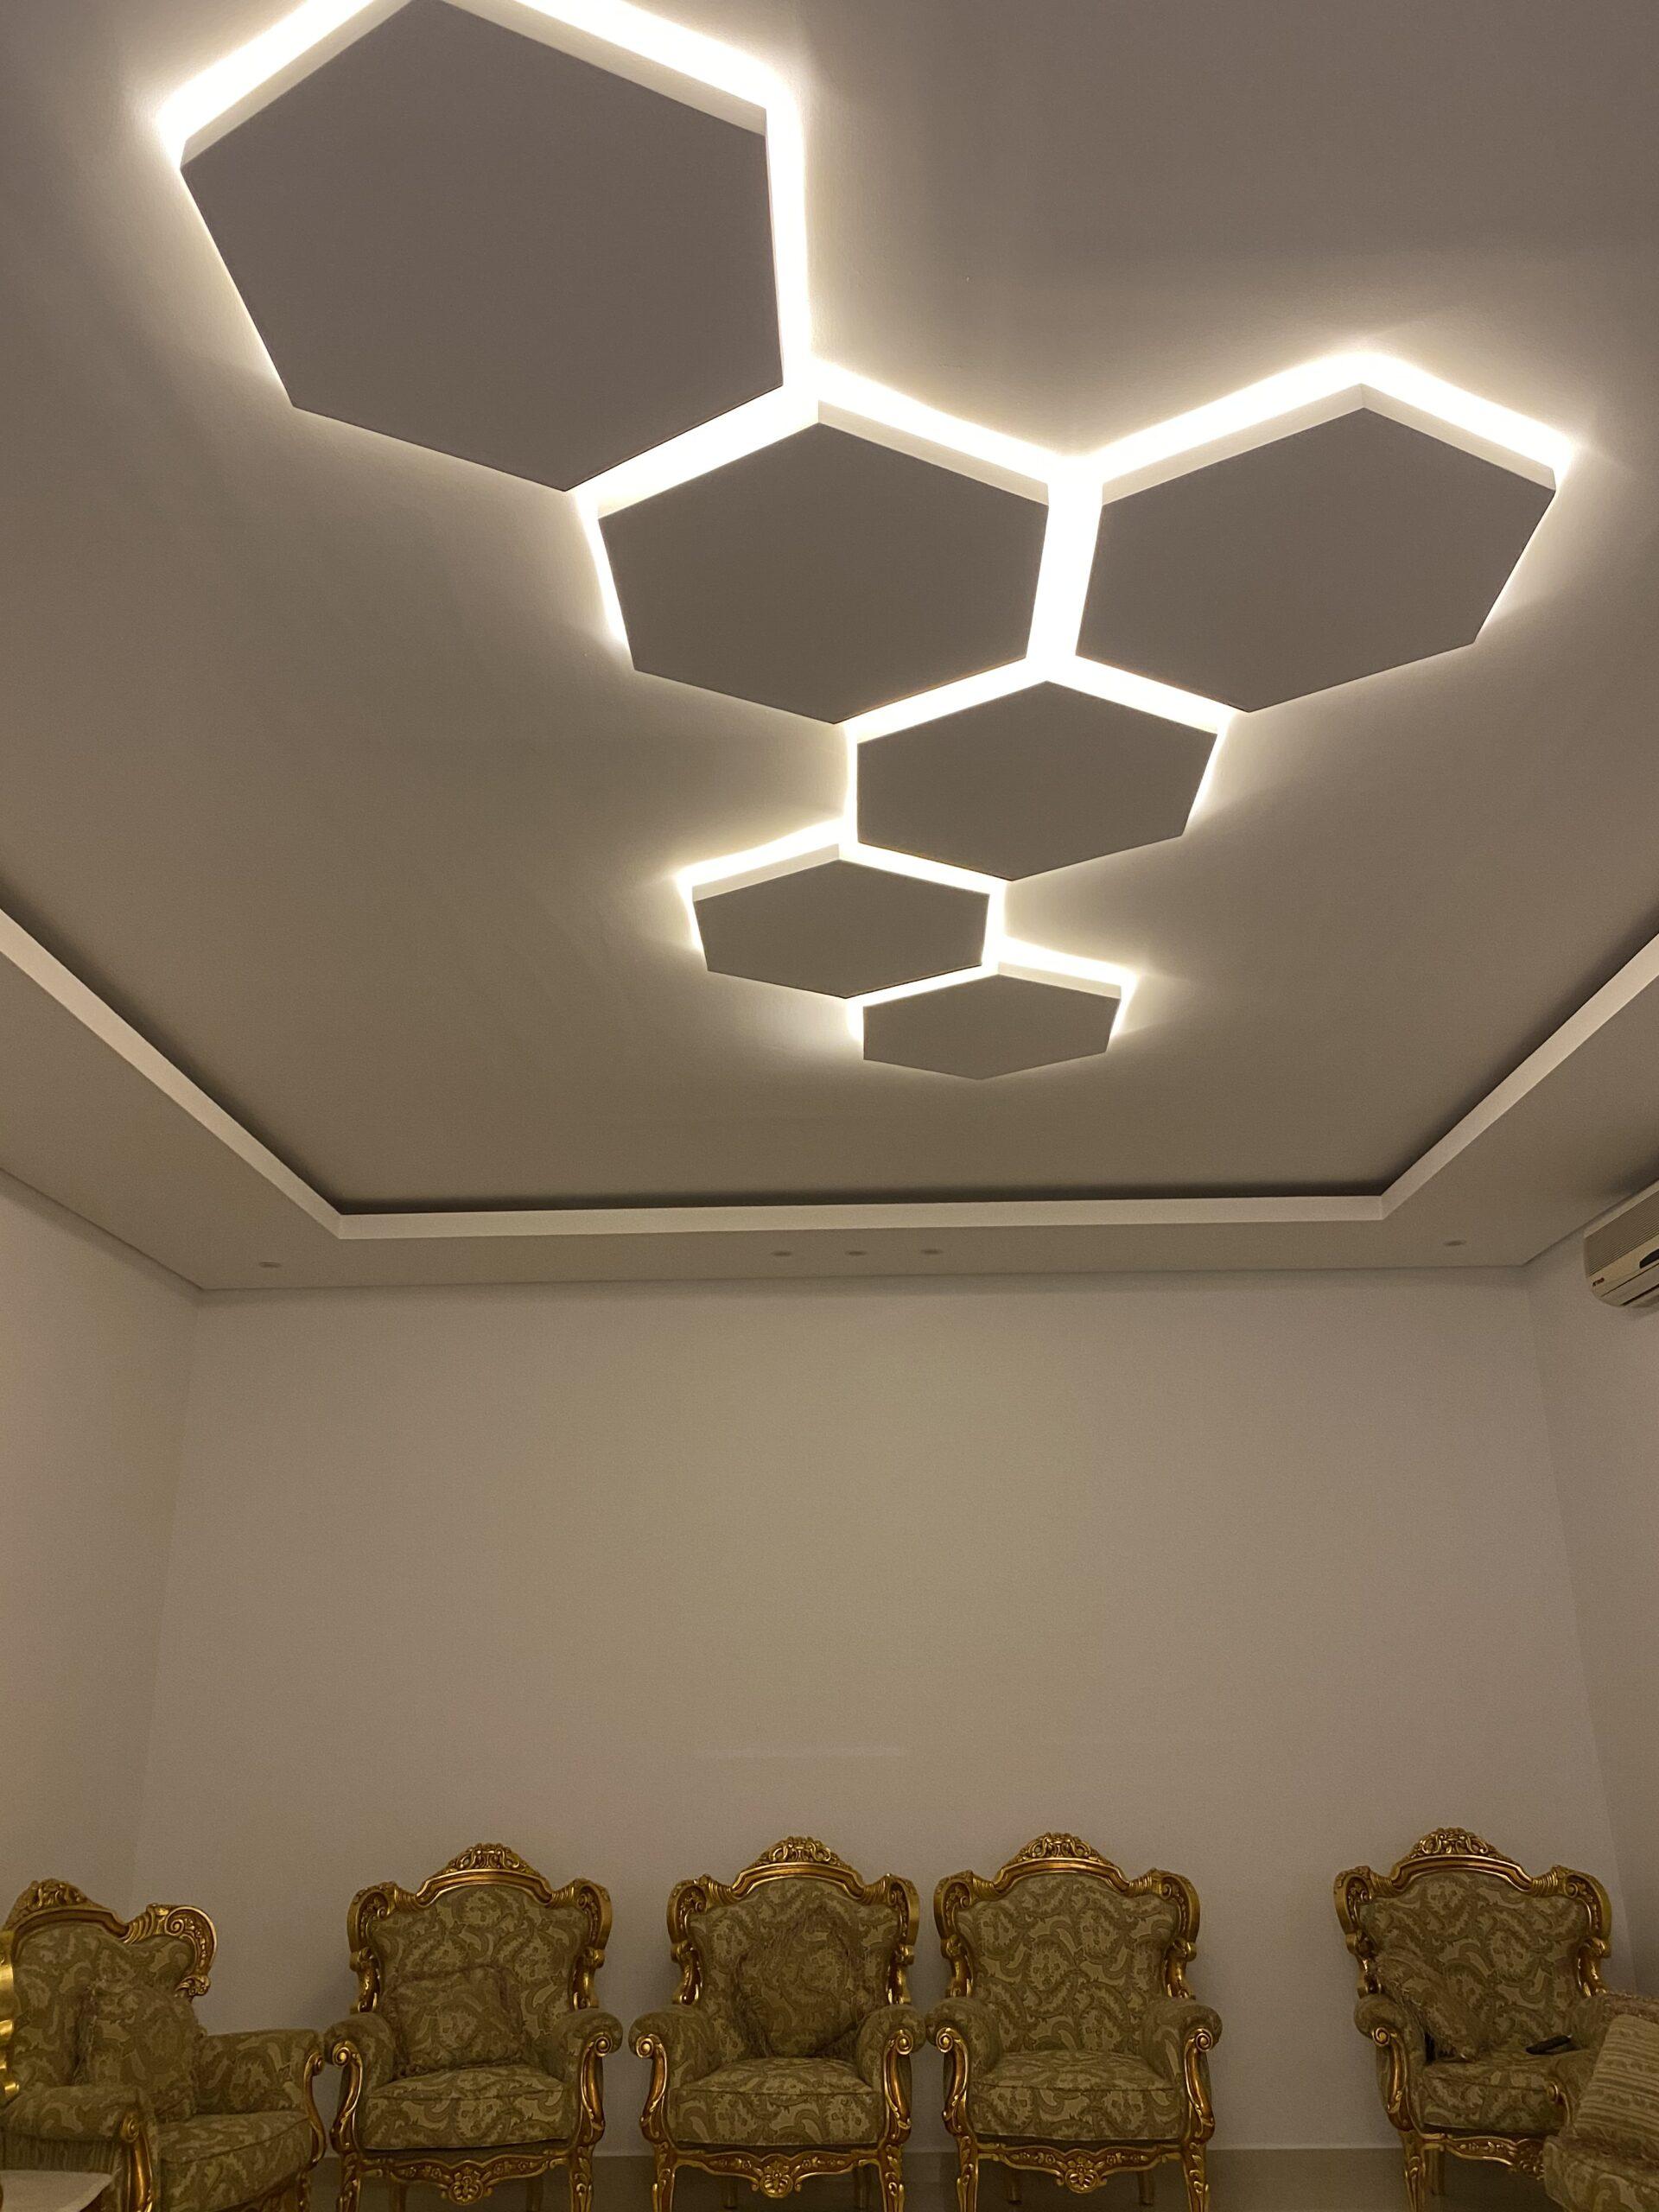 اعمال ديكور باشكال هندسية في مجالس الشامخة